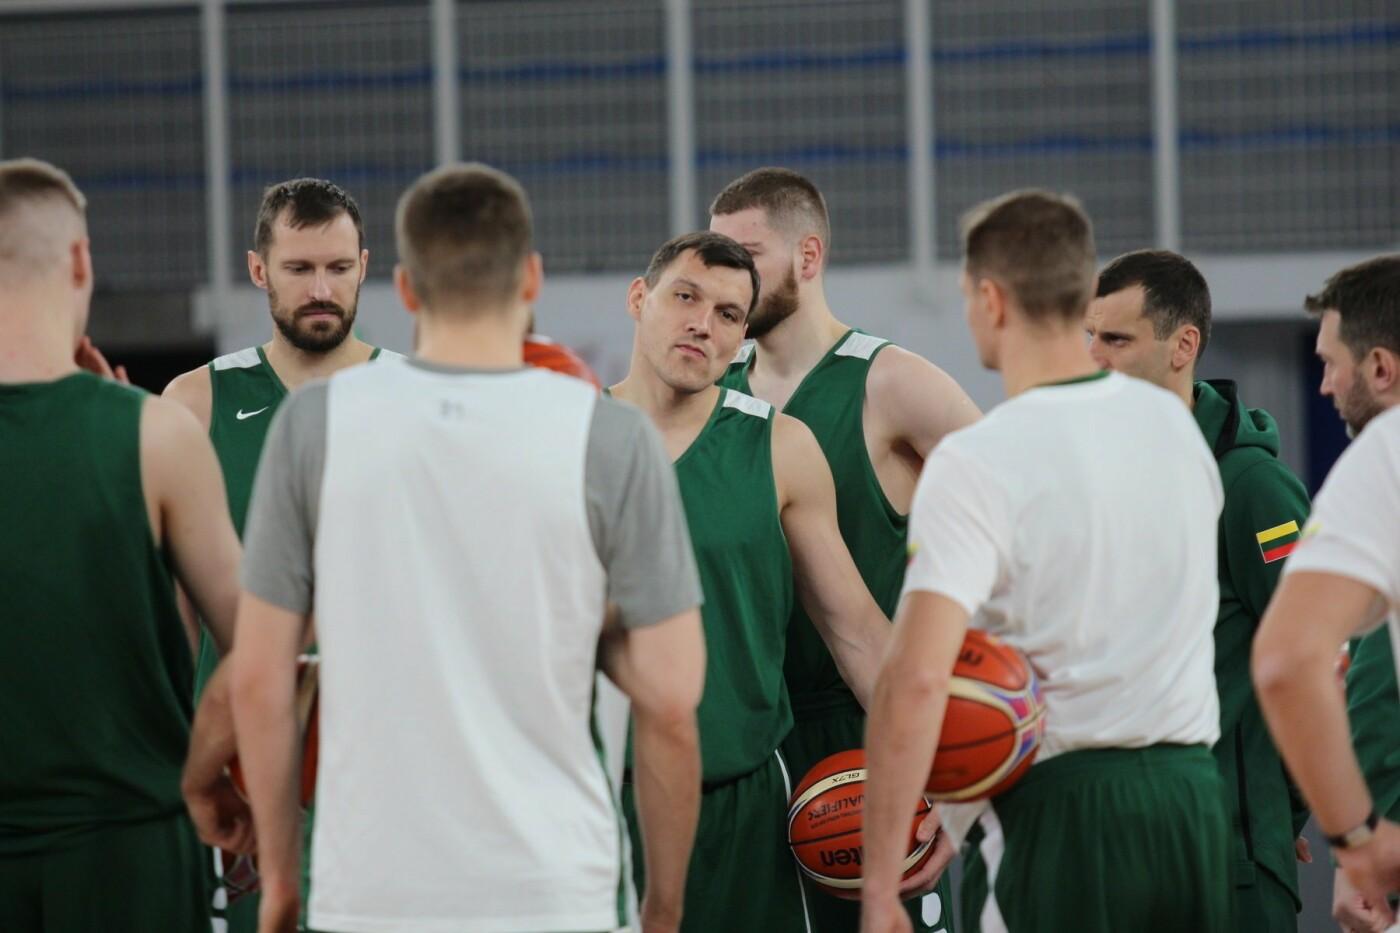 Lietuvos vyrų krepšinio rinktinė surengė vienintelę treniruotę Italijoje, nuotrauka-4